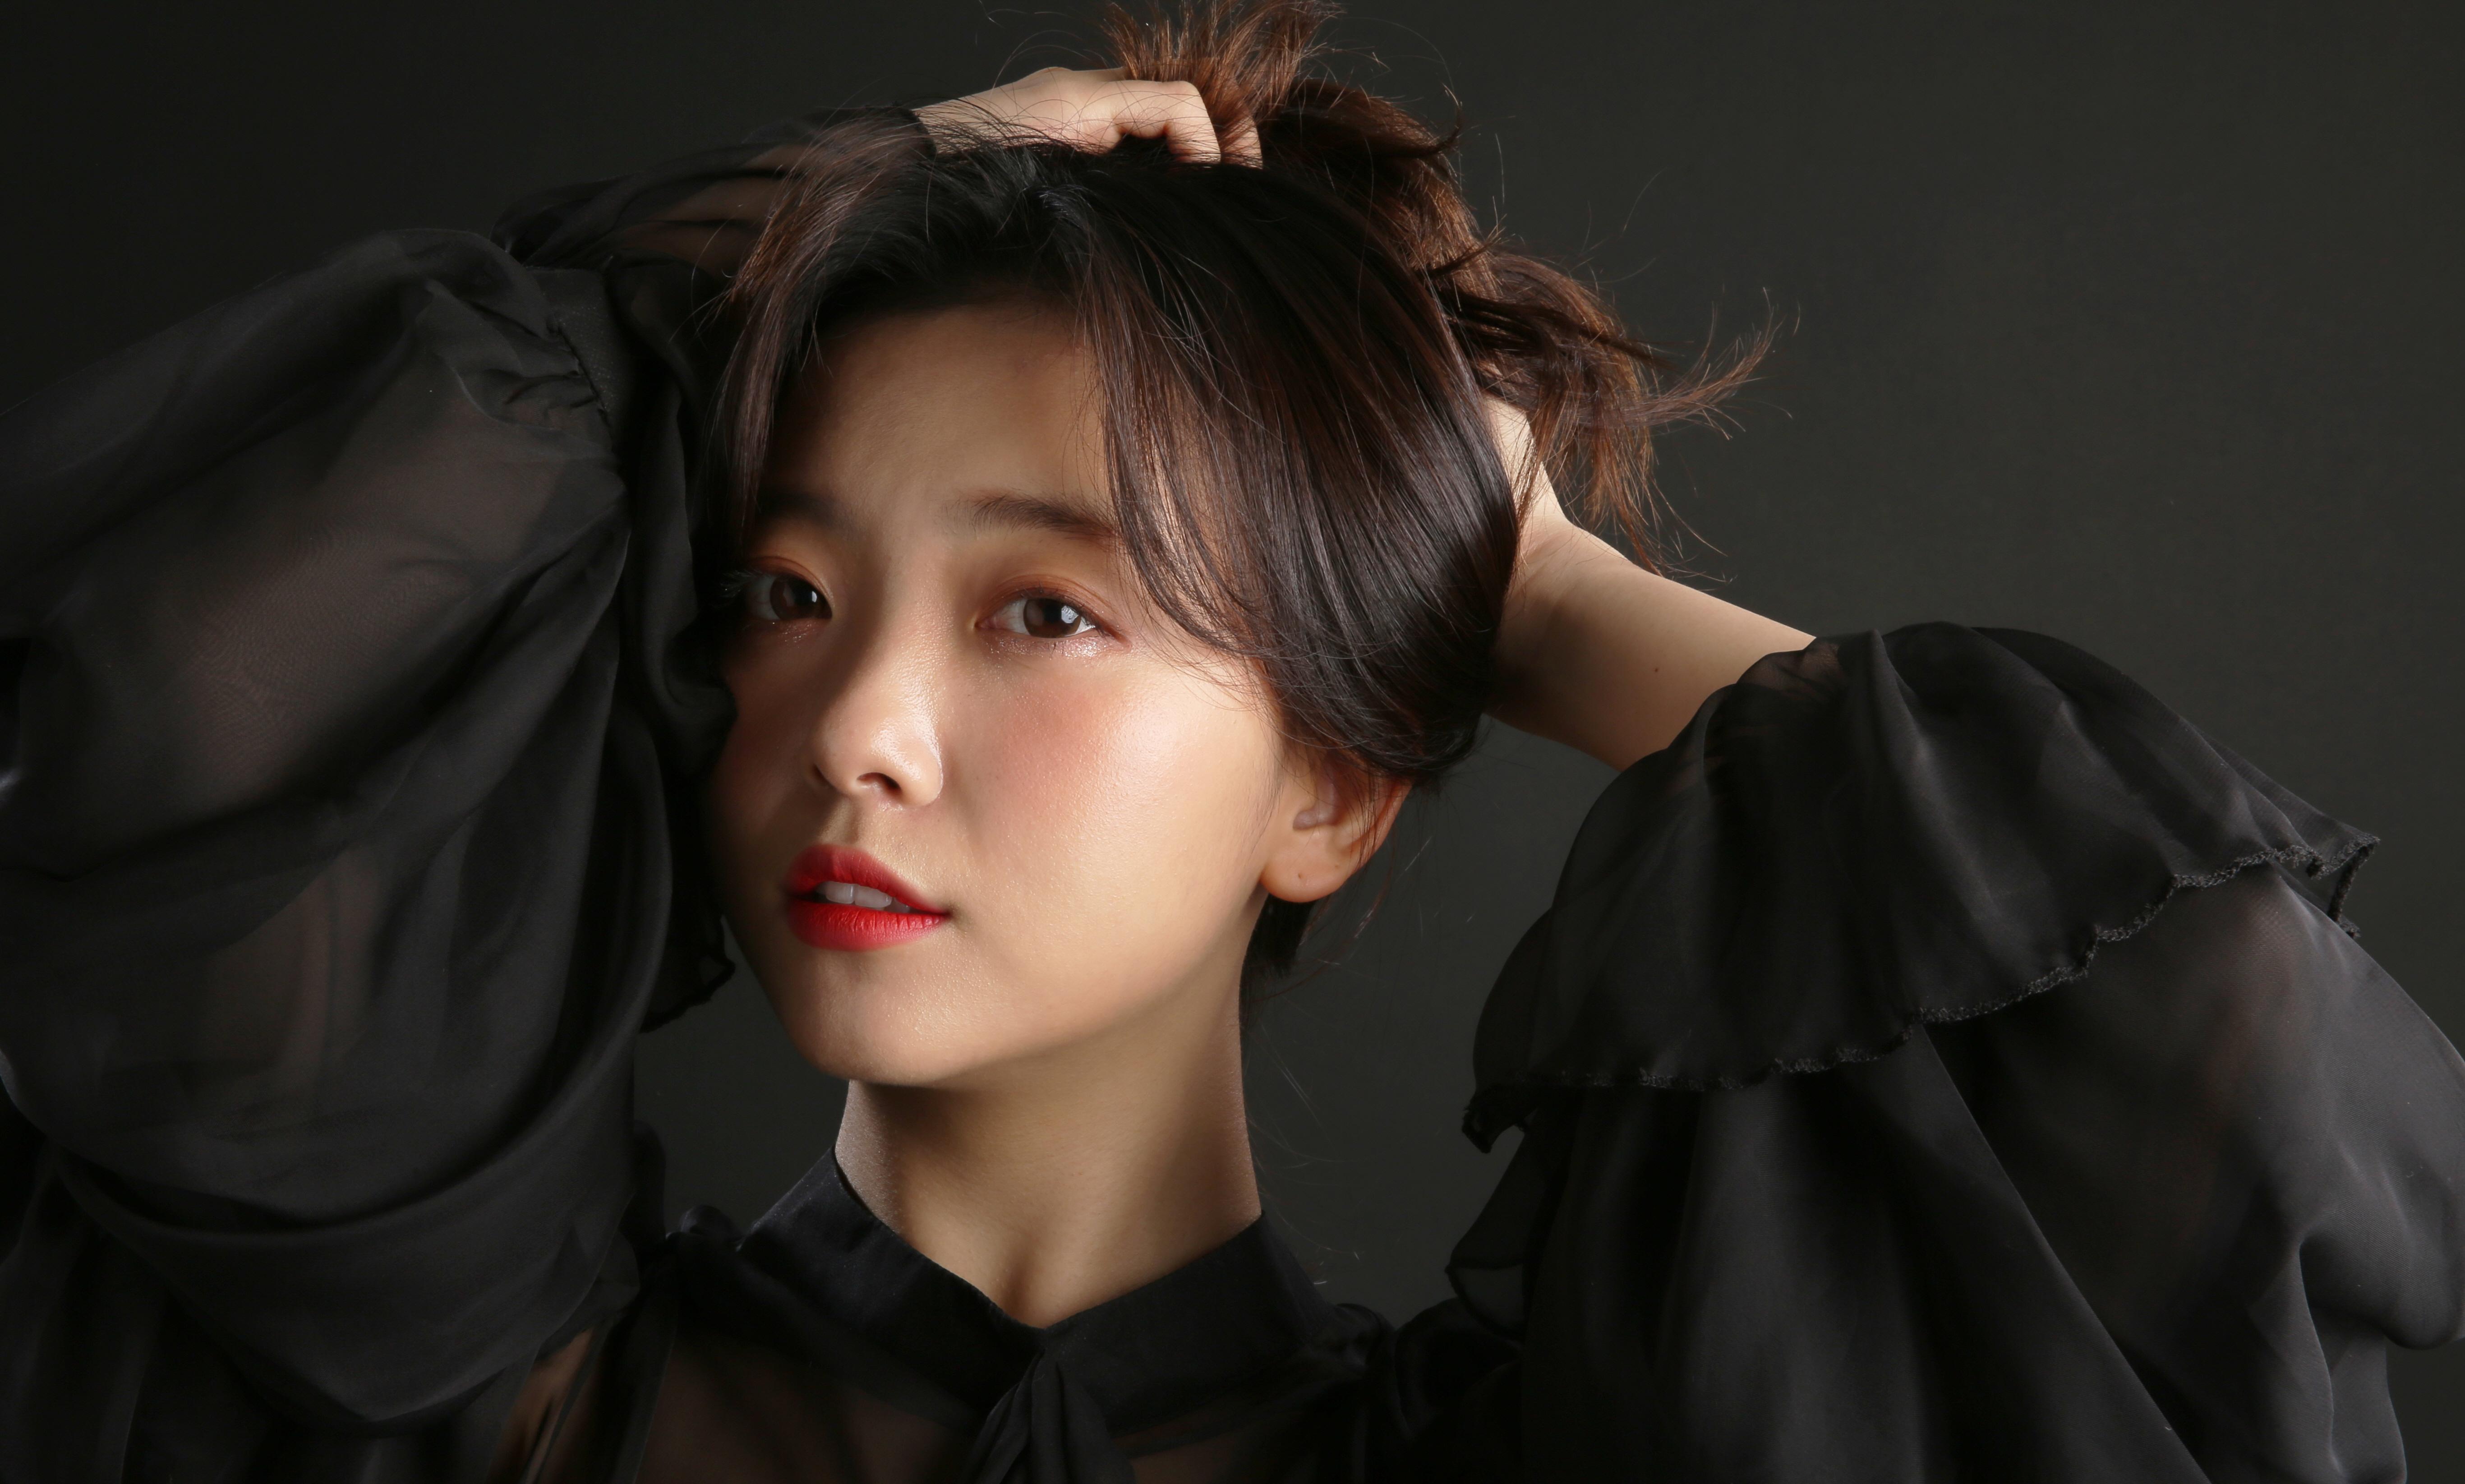 낚시하는 트로트 요정 '요요미', 몽환적 비트 댄스곡 '홍콩익스프레스' 발매